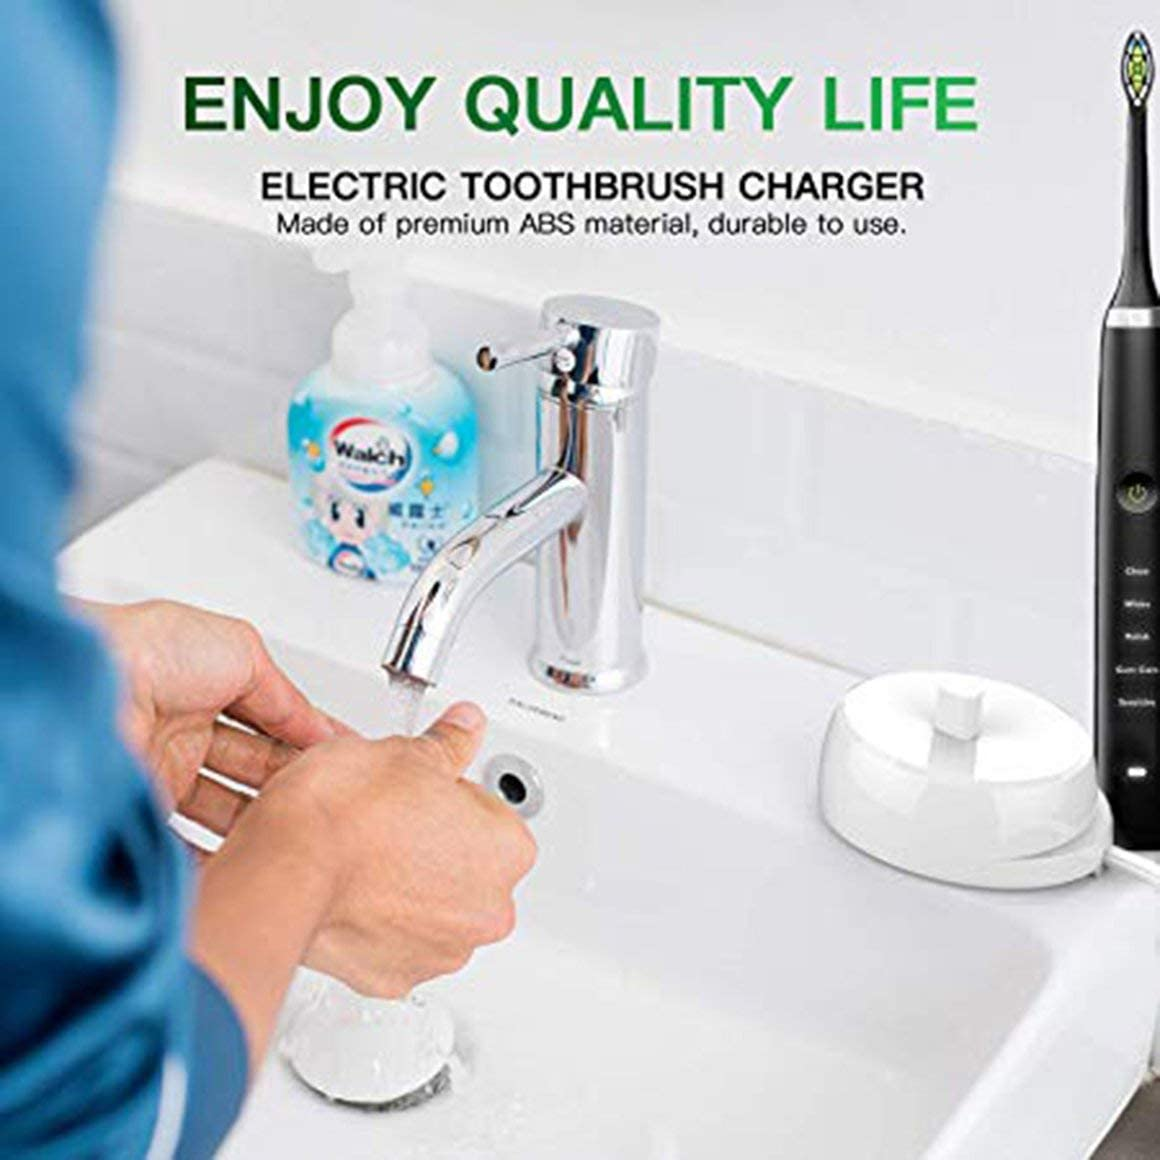 Funnyrunstore 220V Cargador de repuesto para cepillo de dientes eléctrico, modelo 3757, adecuado para Braun Oral-b D17 OC18 Cuna de carga para cepillo de dientes (blanco; enchufe de la UE): Amazon.es: Salud